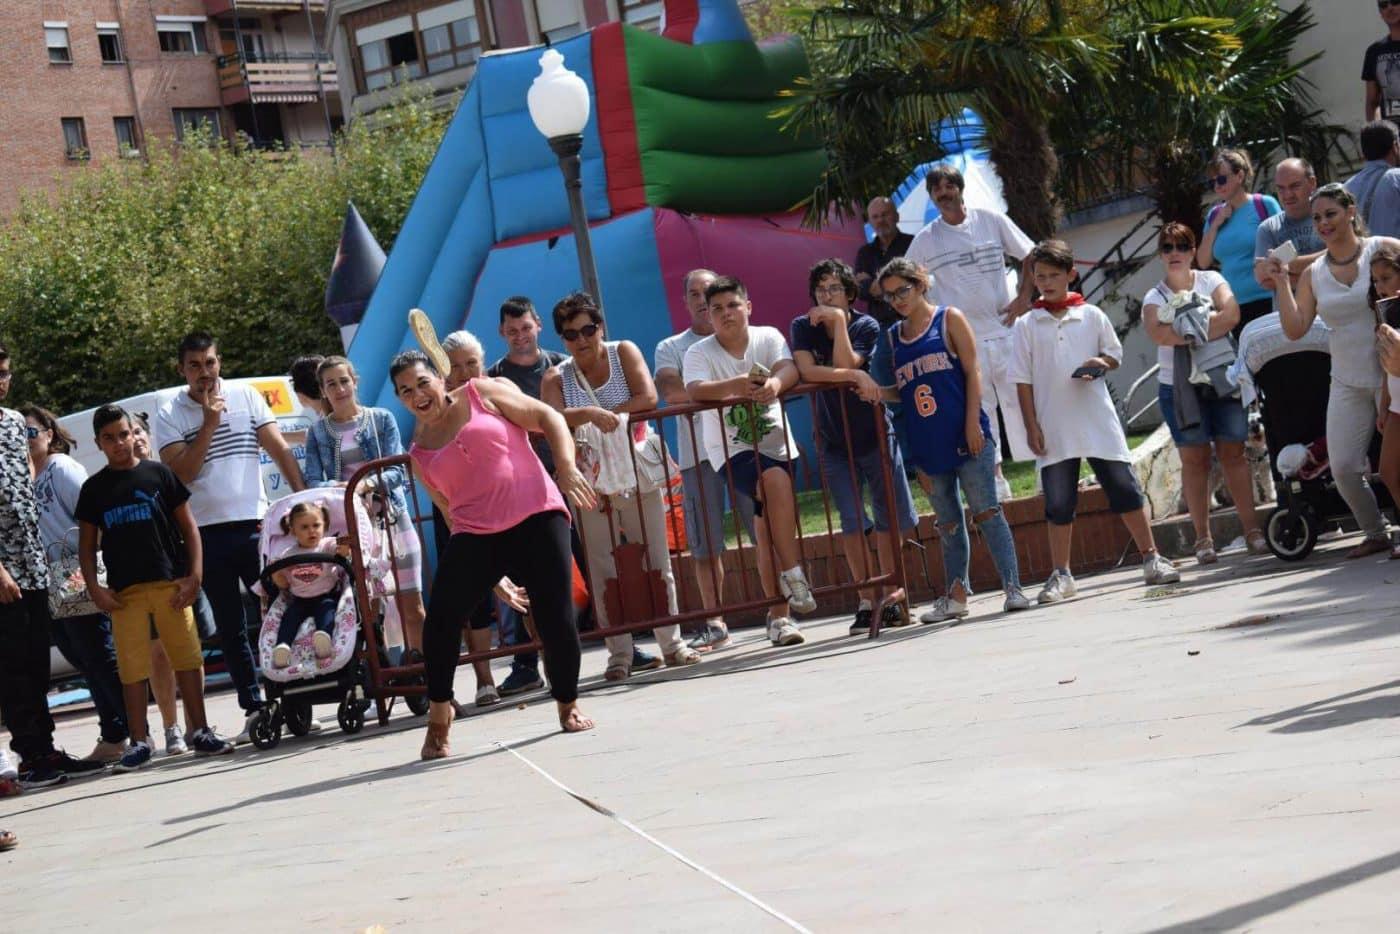 Concurso de lanzamiento de alpargata, fiesta de la espuma y mucha diversión 4